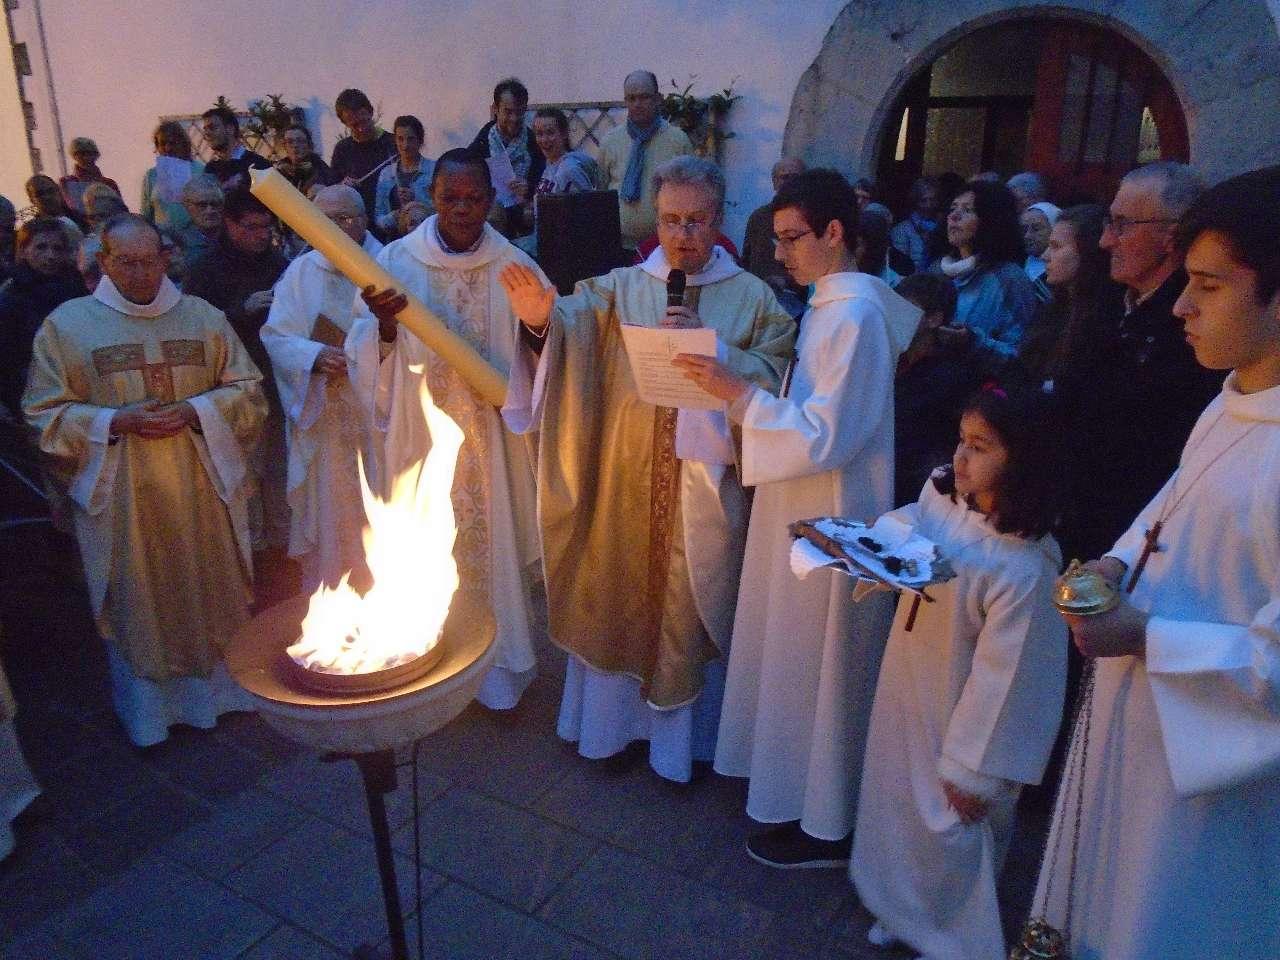 Samedi Saint - Veillée Pascale - Bénédiction du Feu et de la Lumière de Pâques